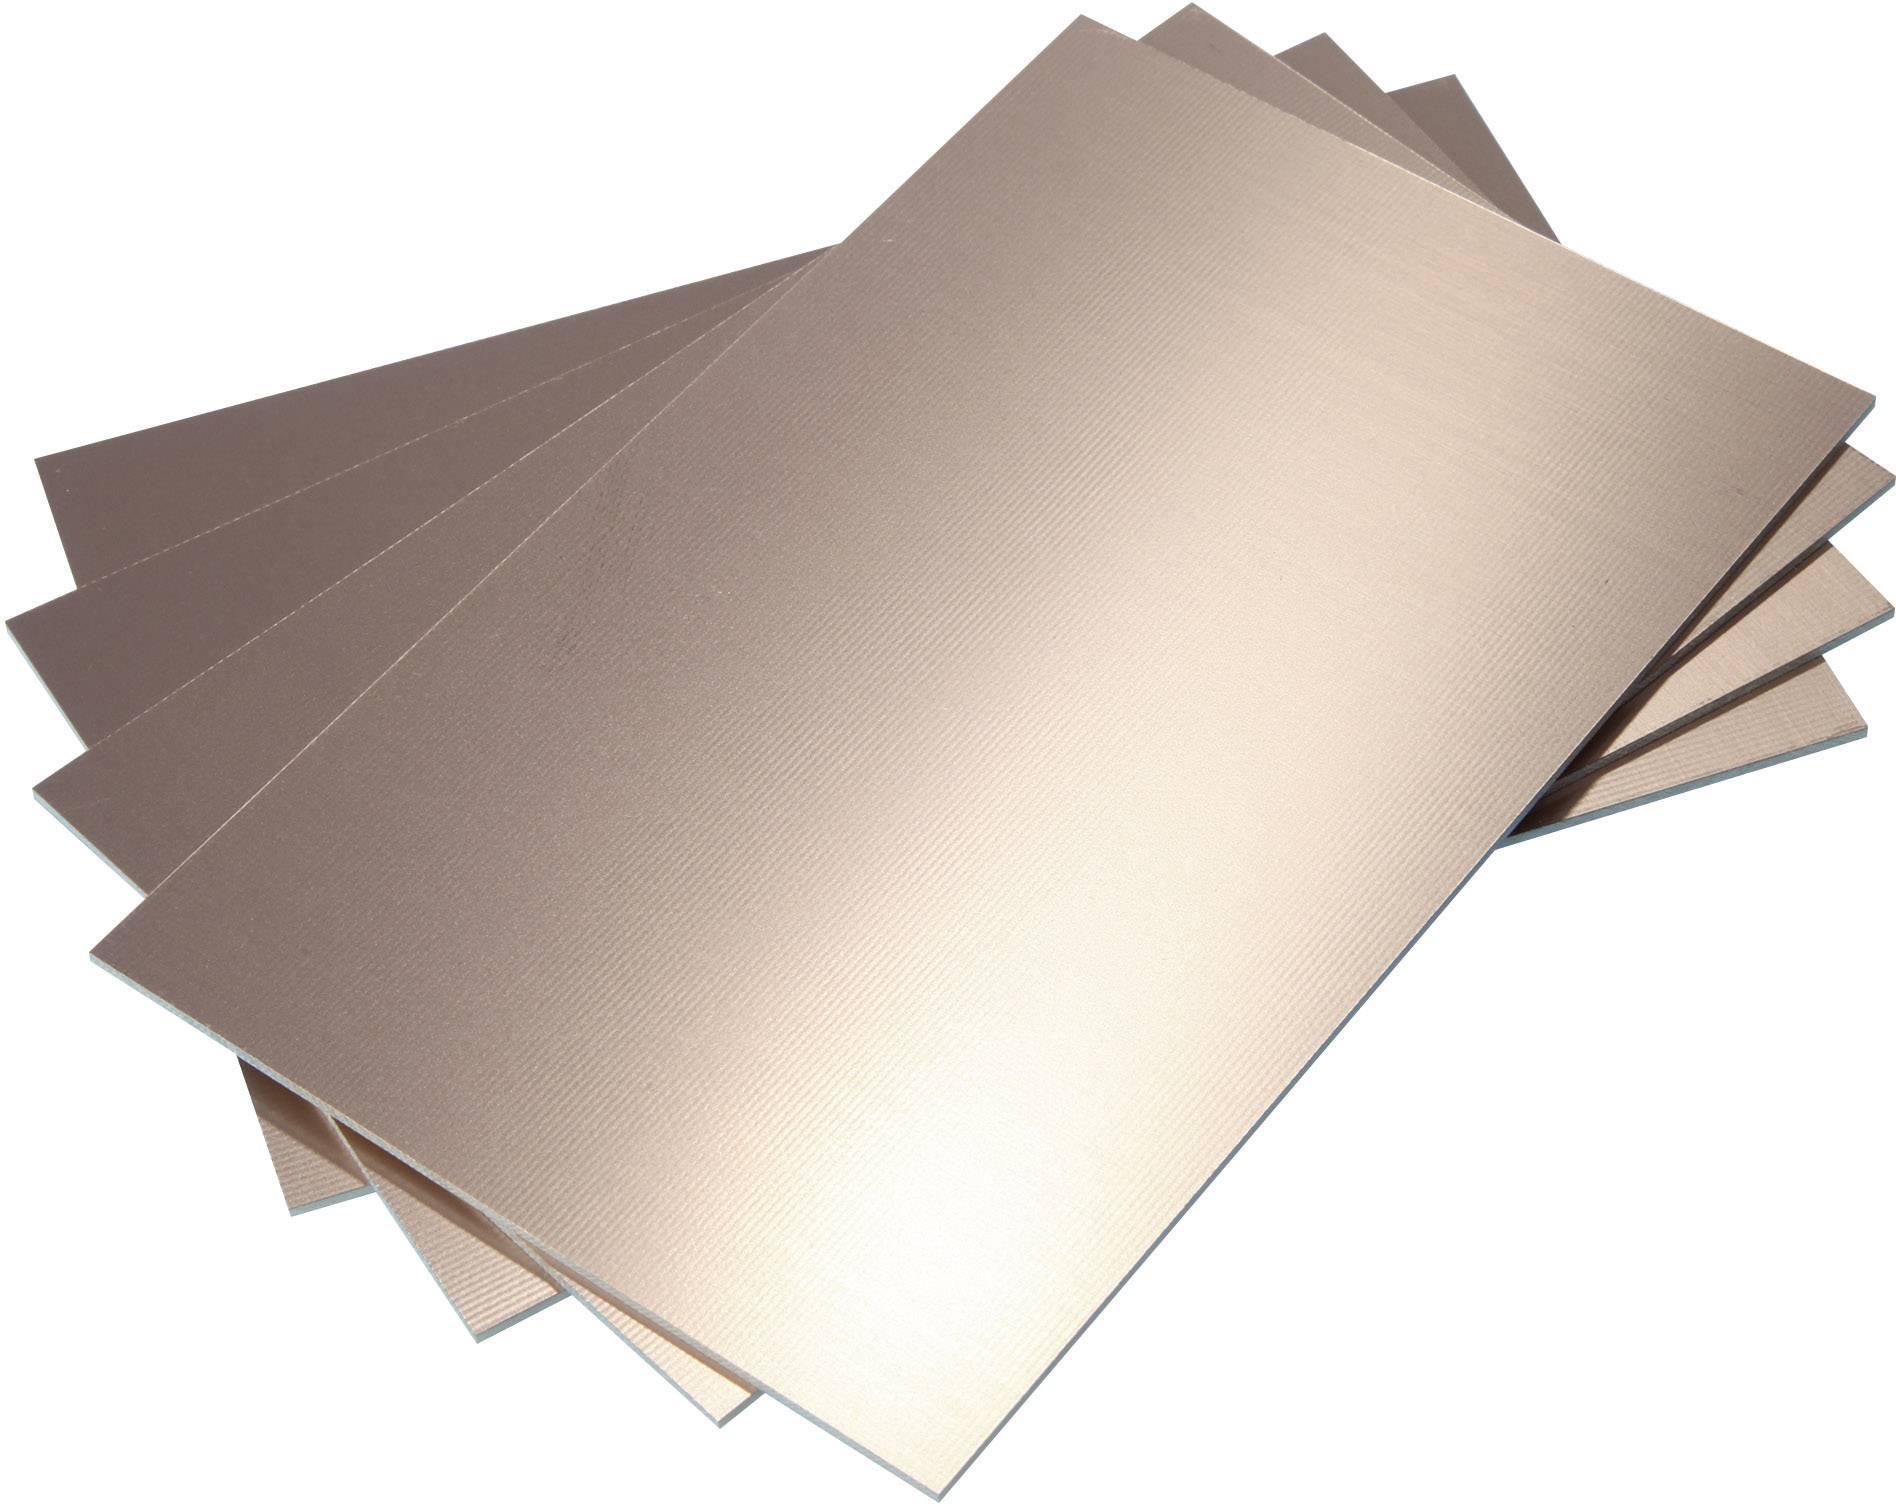 Základný materiál DPS Bungard 061156E35, 35 µm, (d x š) 300 mm x 200 mm